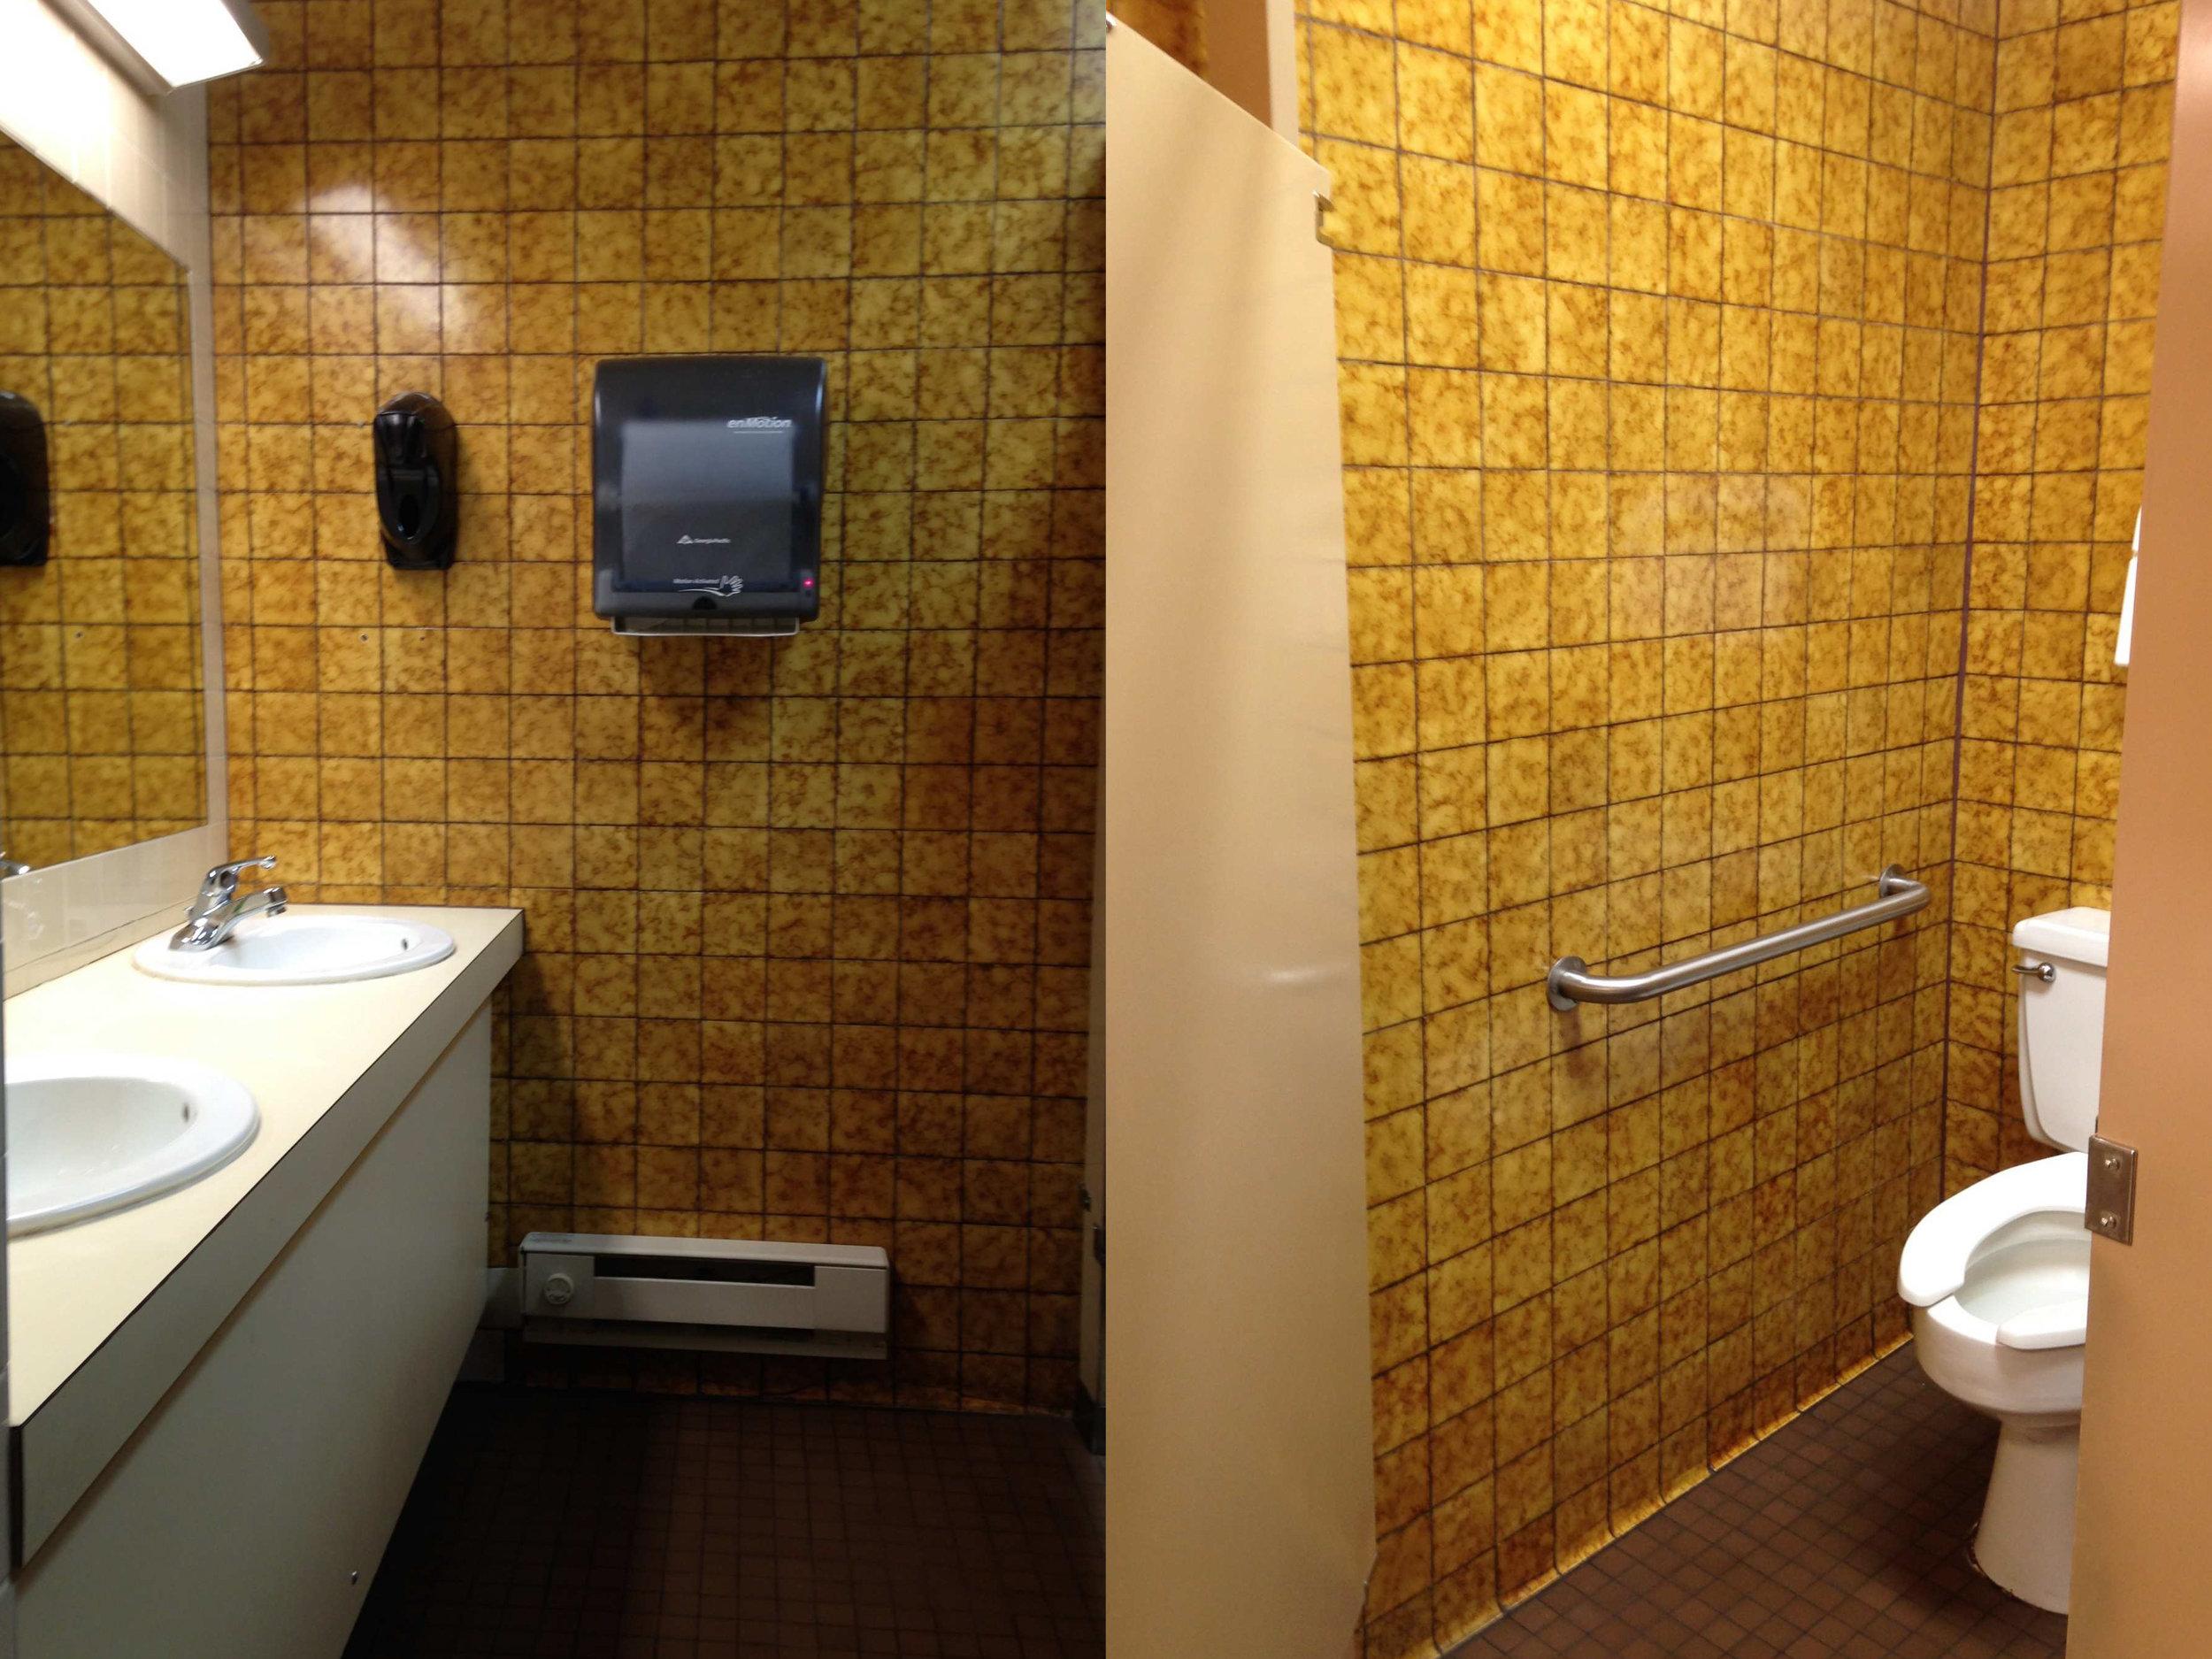 BathroomBook-8.jpg